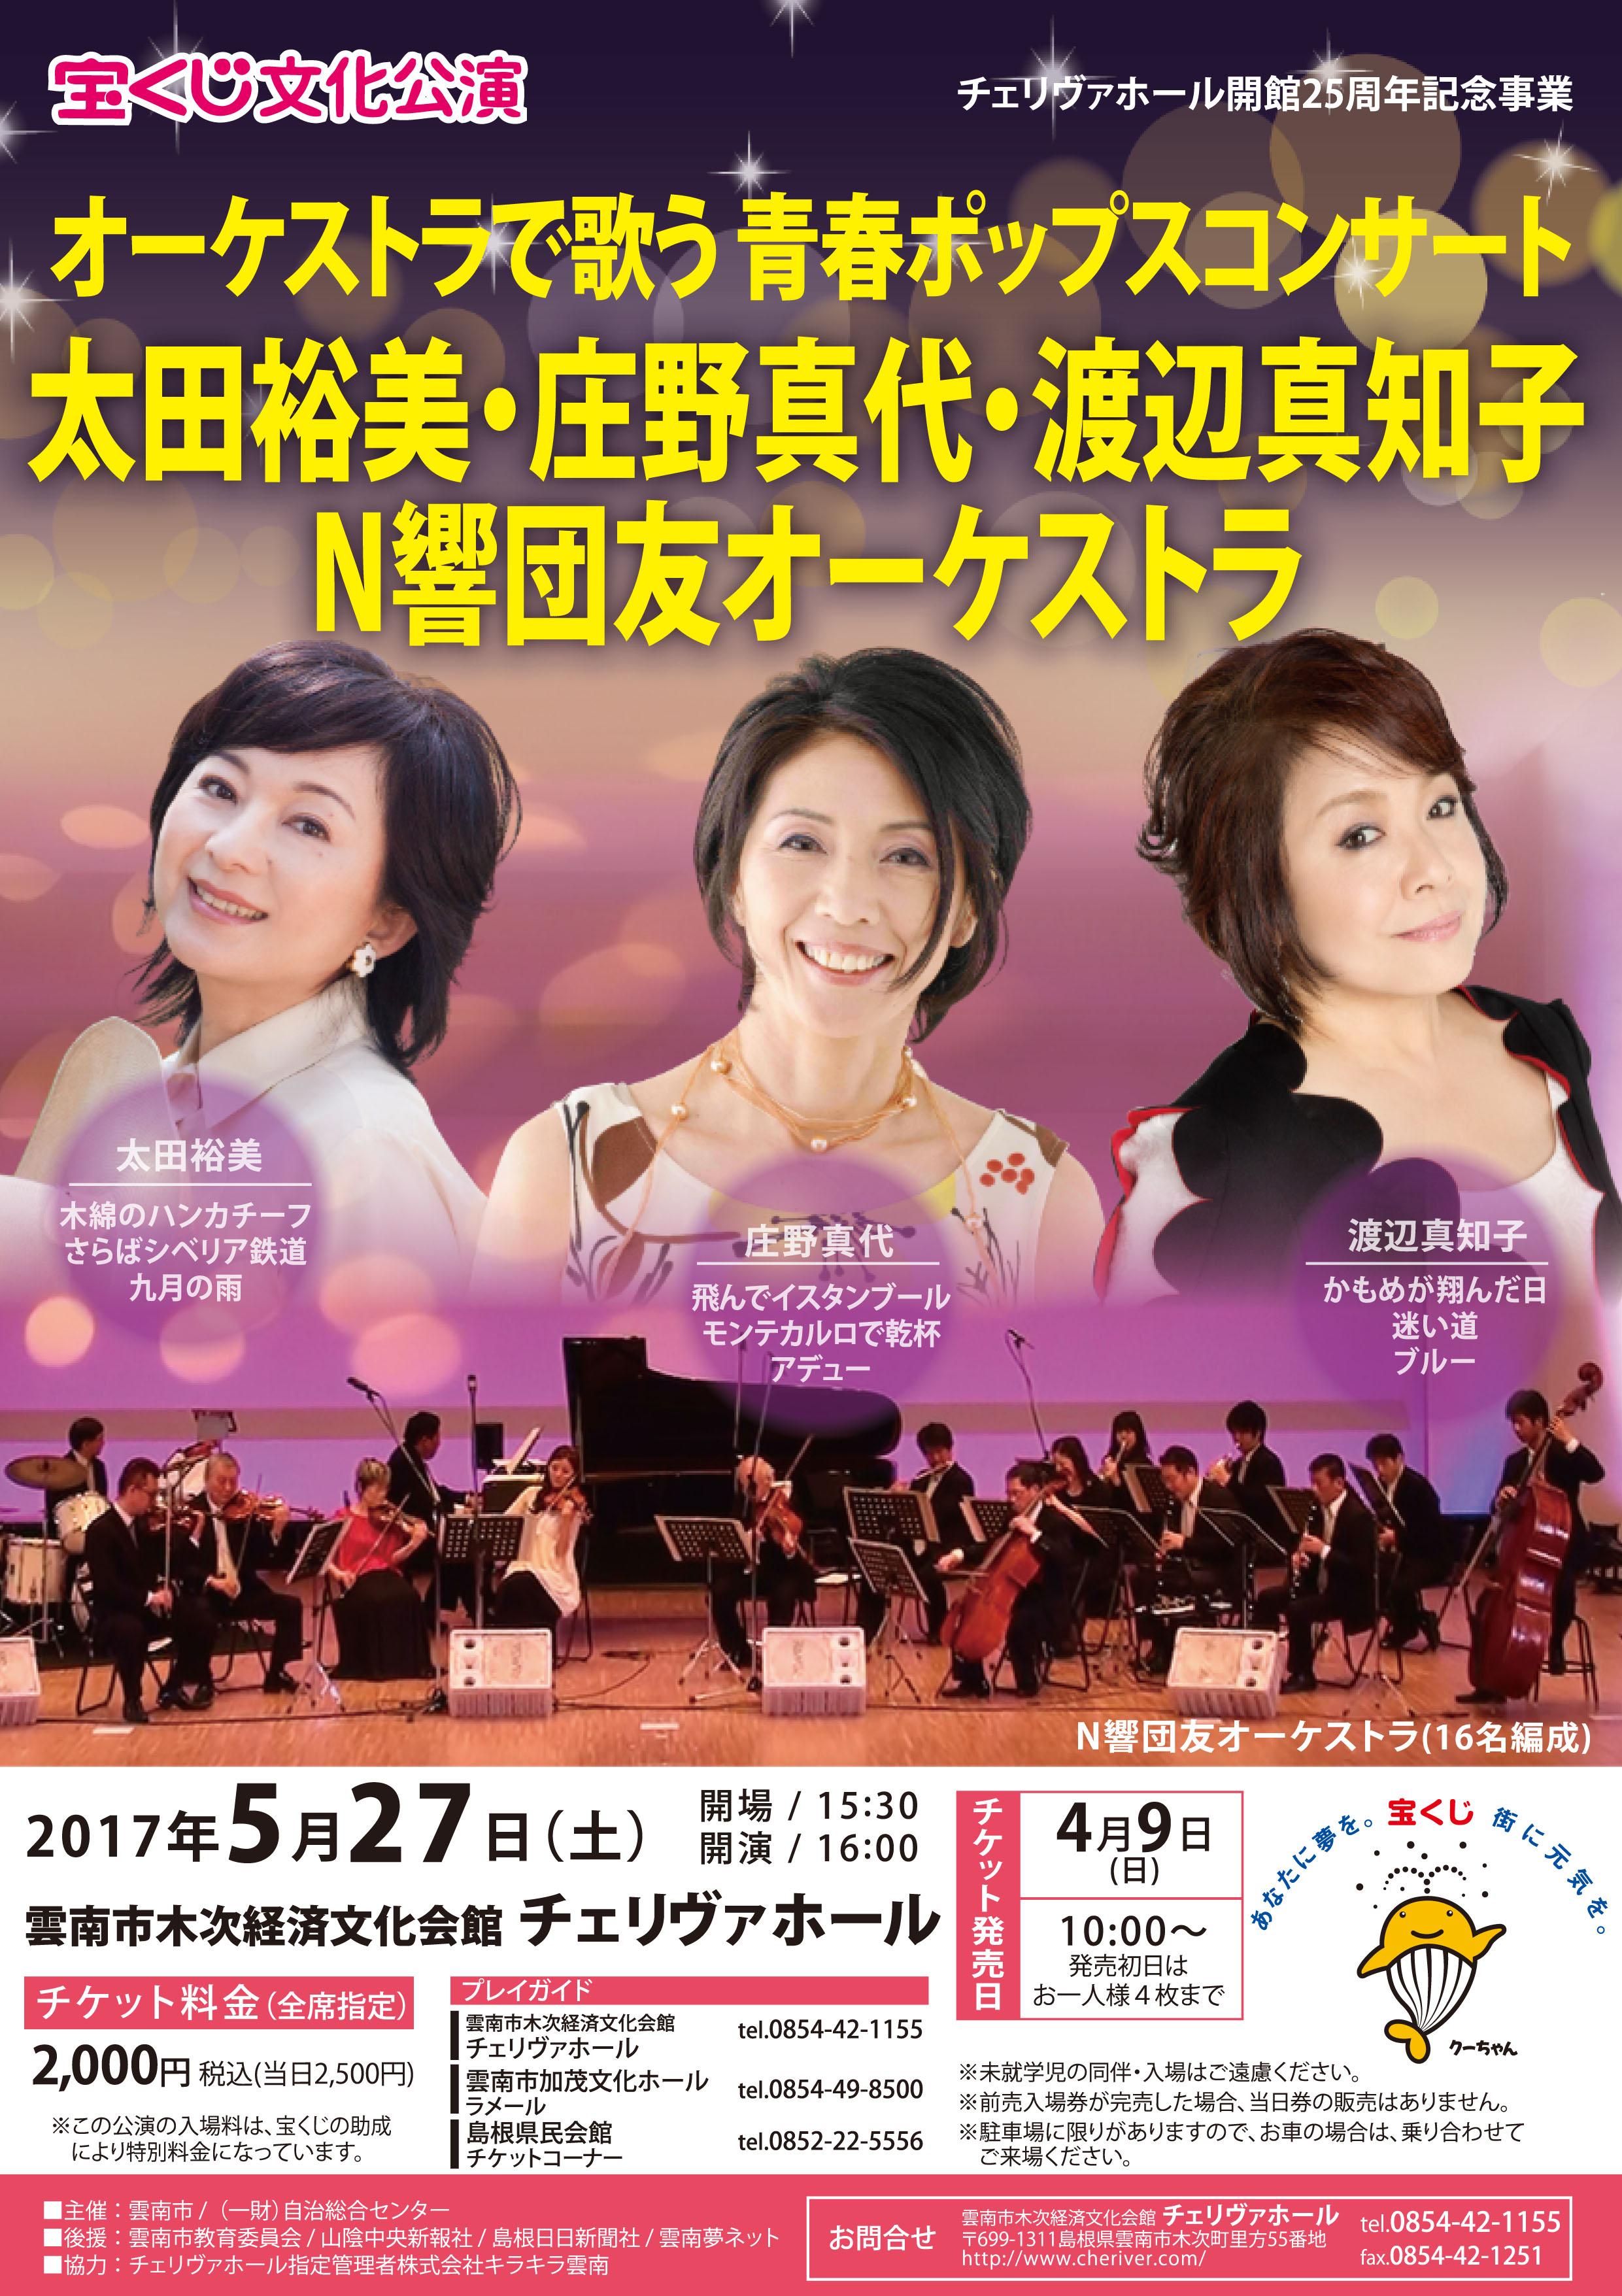 チェリヴァホール開館25周年記念事業  宝くじ文化公演「オーケストラで歌う青春ポップスコンサート」